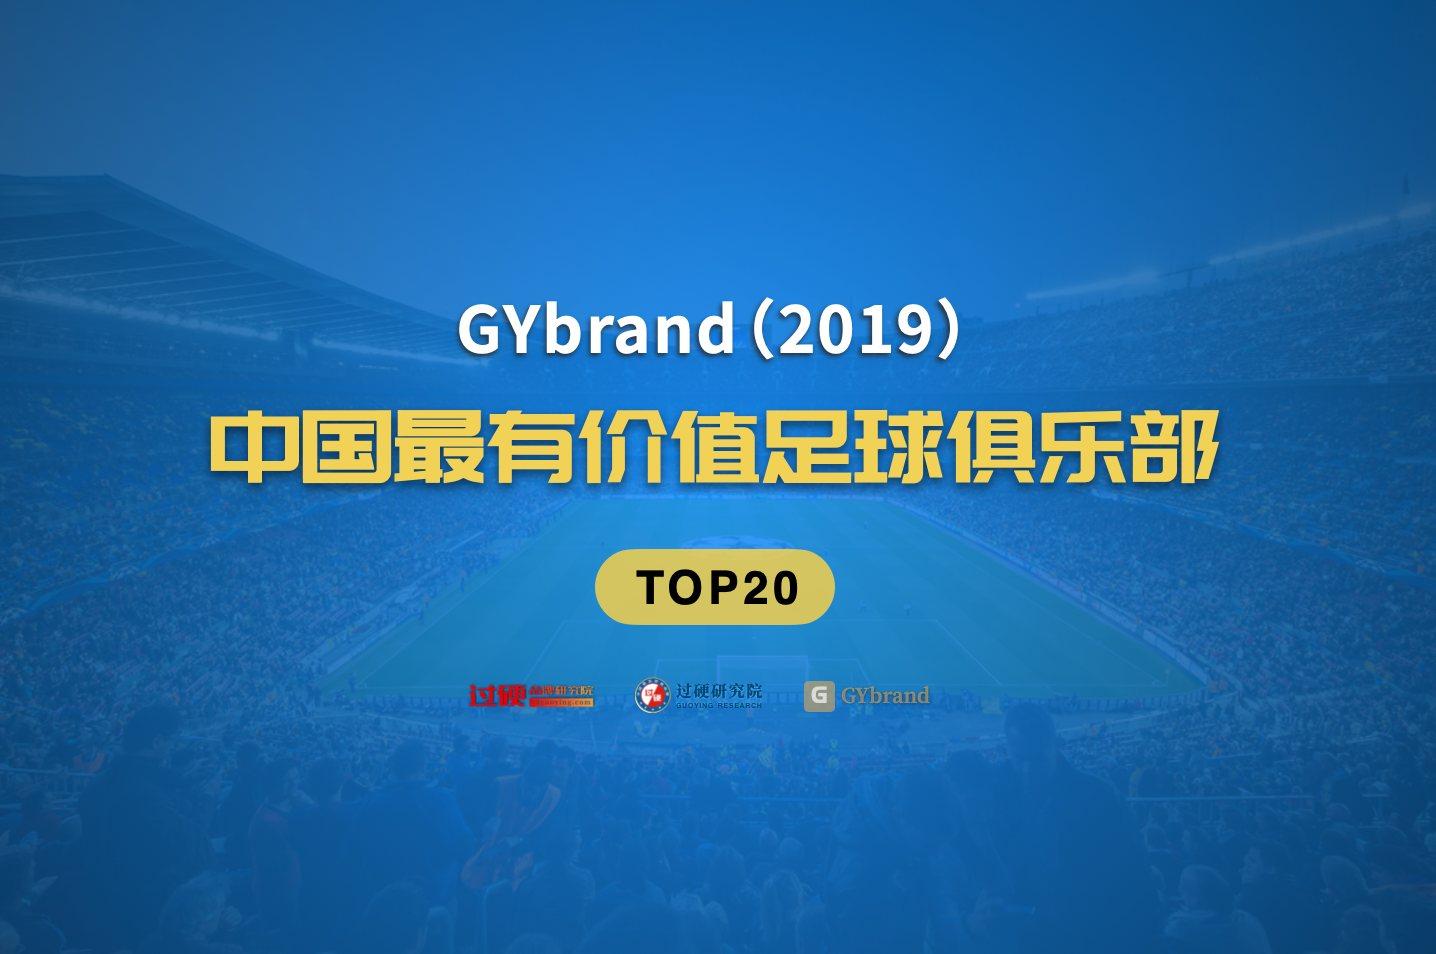 中超品牌价值再创新高 2019最有价值足球俱乐部排行榜发布